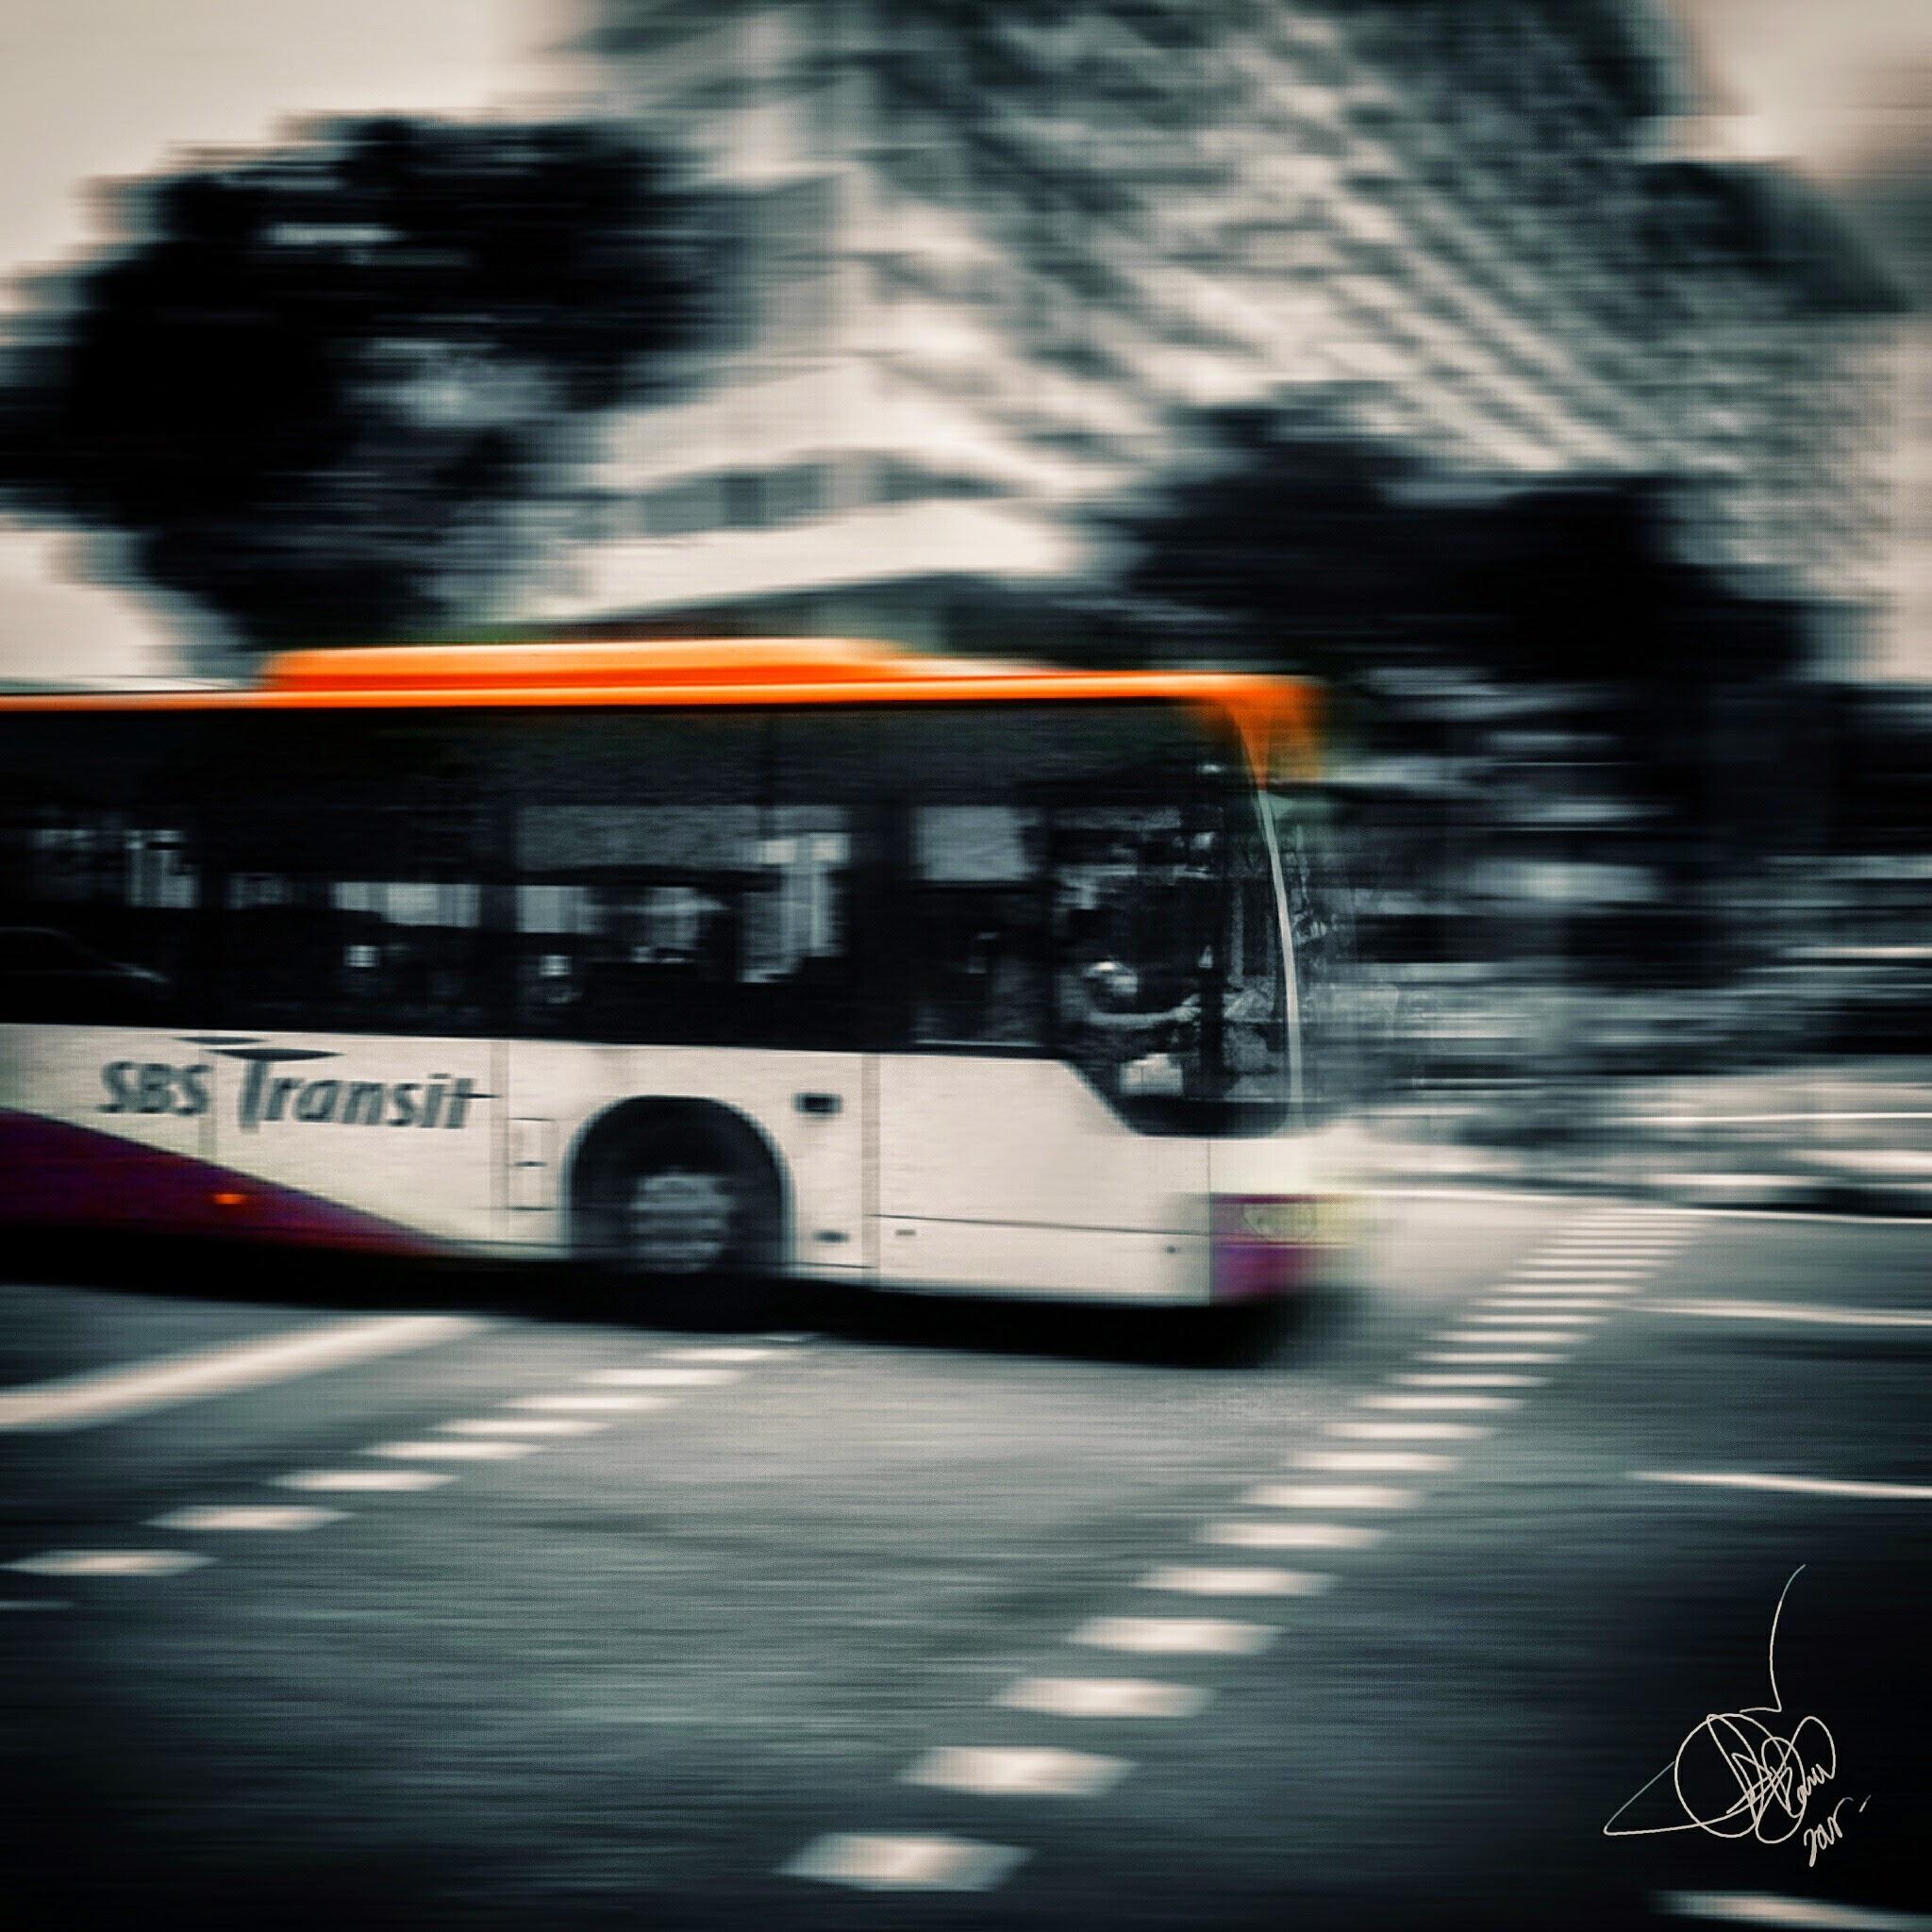 A bus approaching